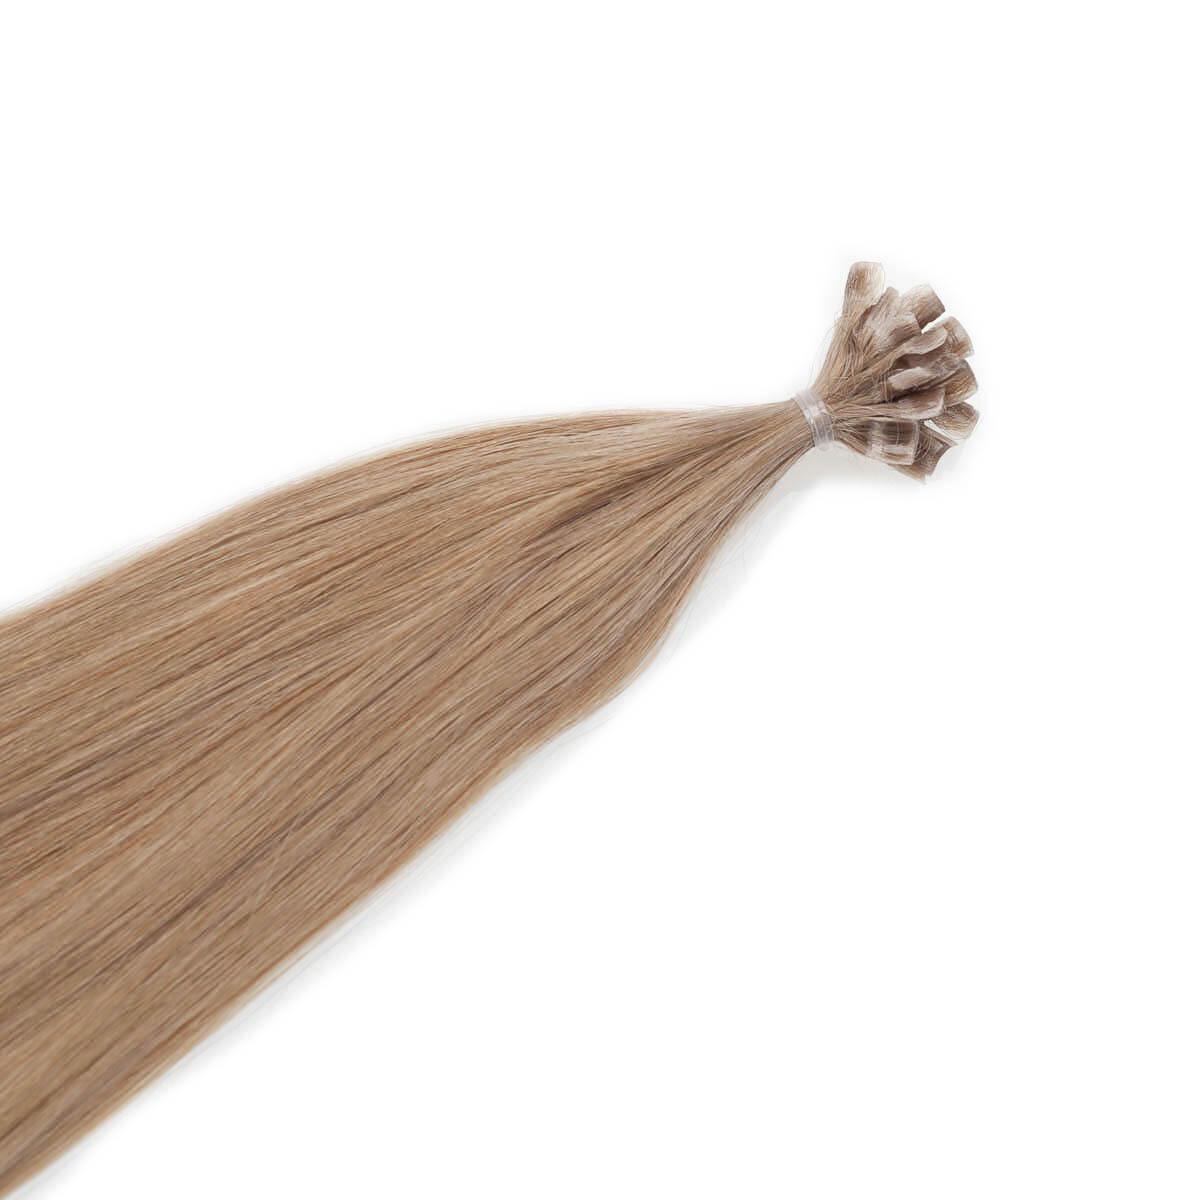 Nail Hair 7.3 Cendre Ash 60 cm